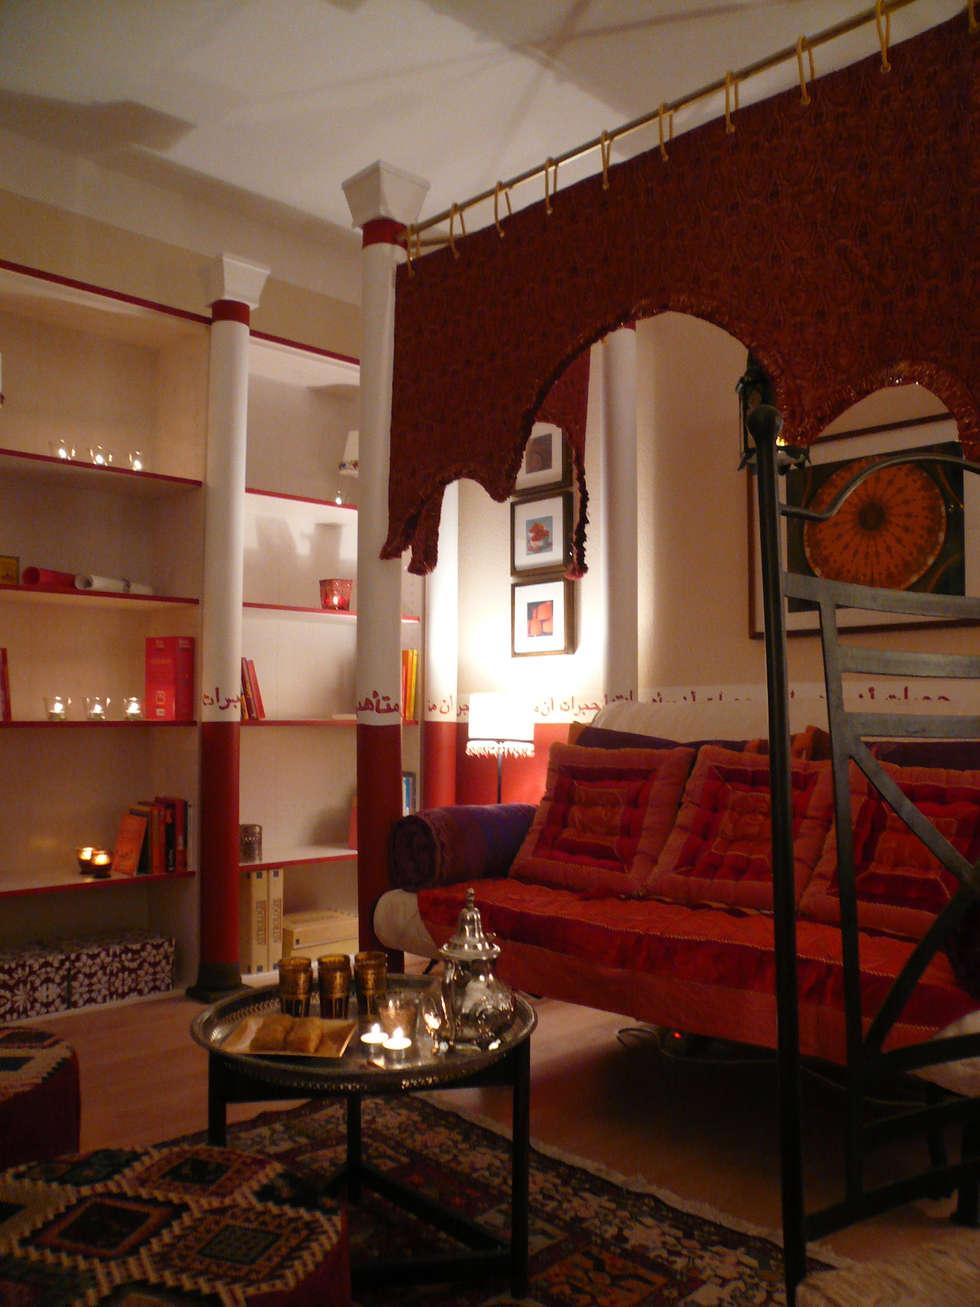 Orientzimmer Nachherfoto: ausgefallene Wohnzimmer von Innenarchitektin Claudia Haubrock